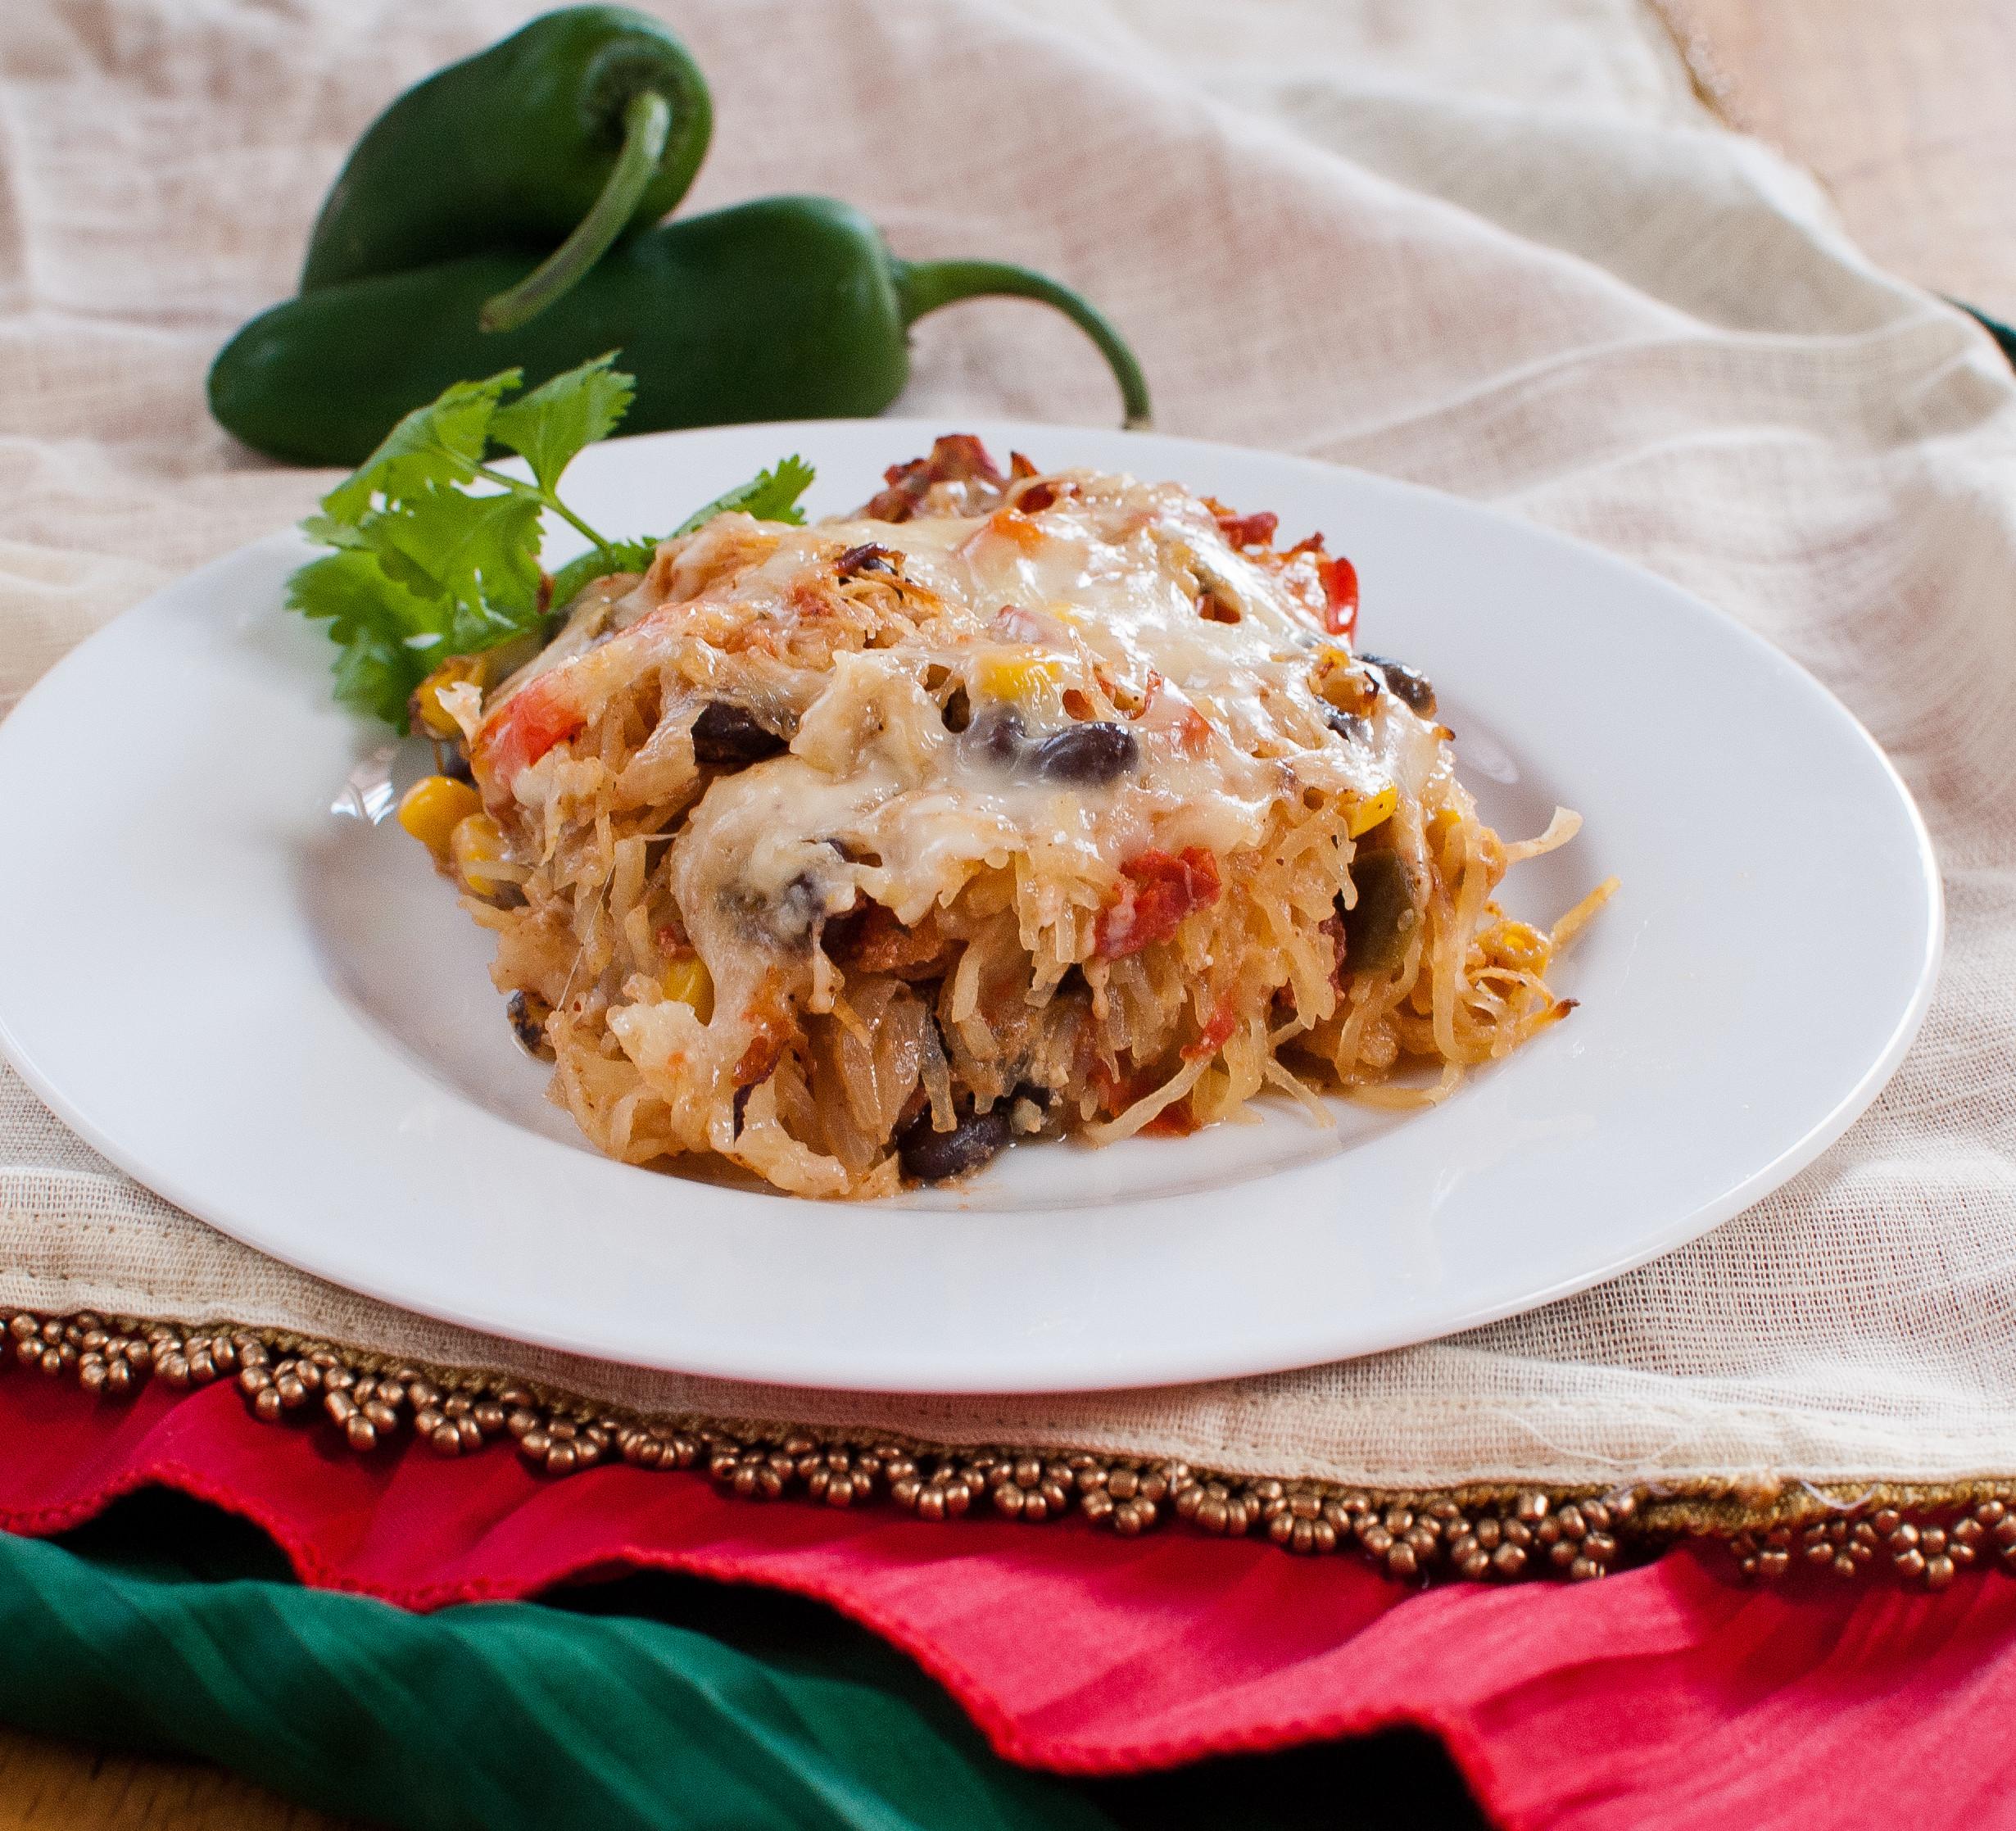 Healthy Spaghetti Squash Casserole  healthy baked spaghetti squash casserole